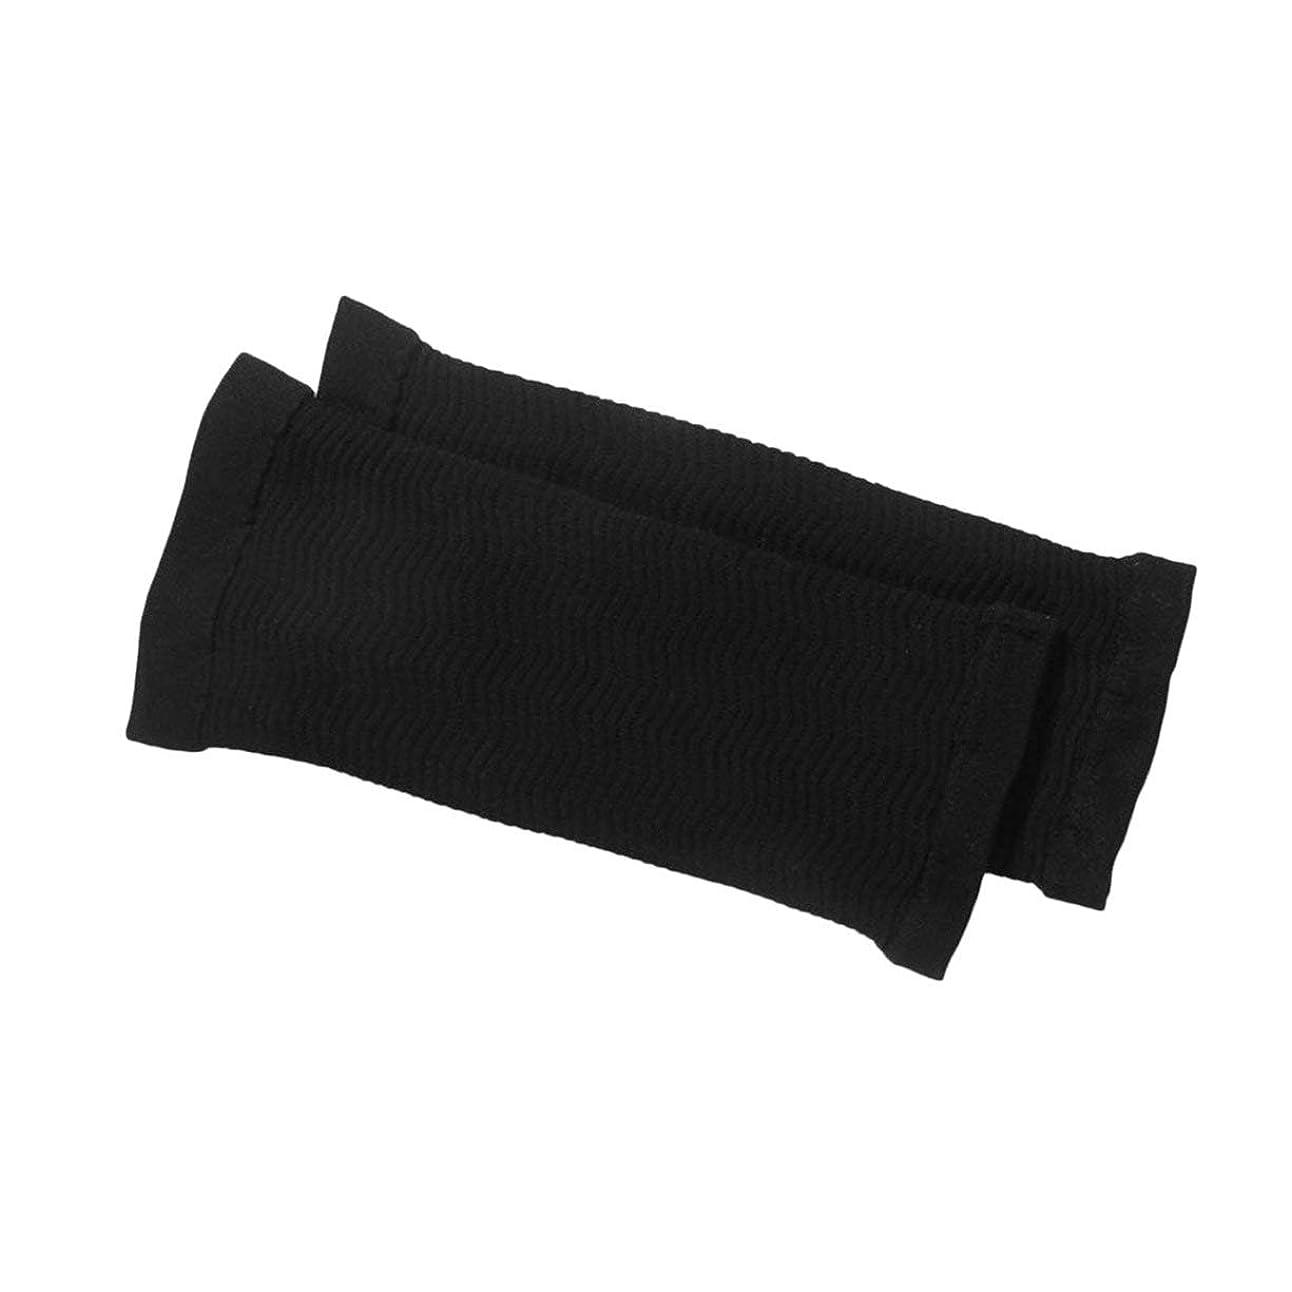 可聴スペース知覚する1ペア420 D圧縮痩身アームスリーブワークアウトトーニングバーンセルライトシェイパー脂肪燃焼袖用女性 - 黒